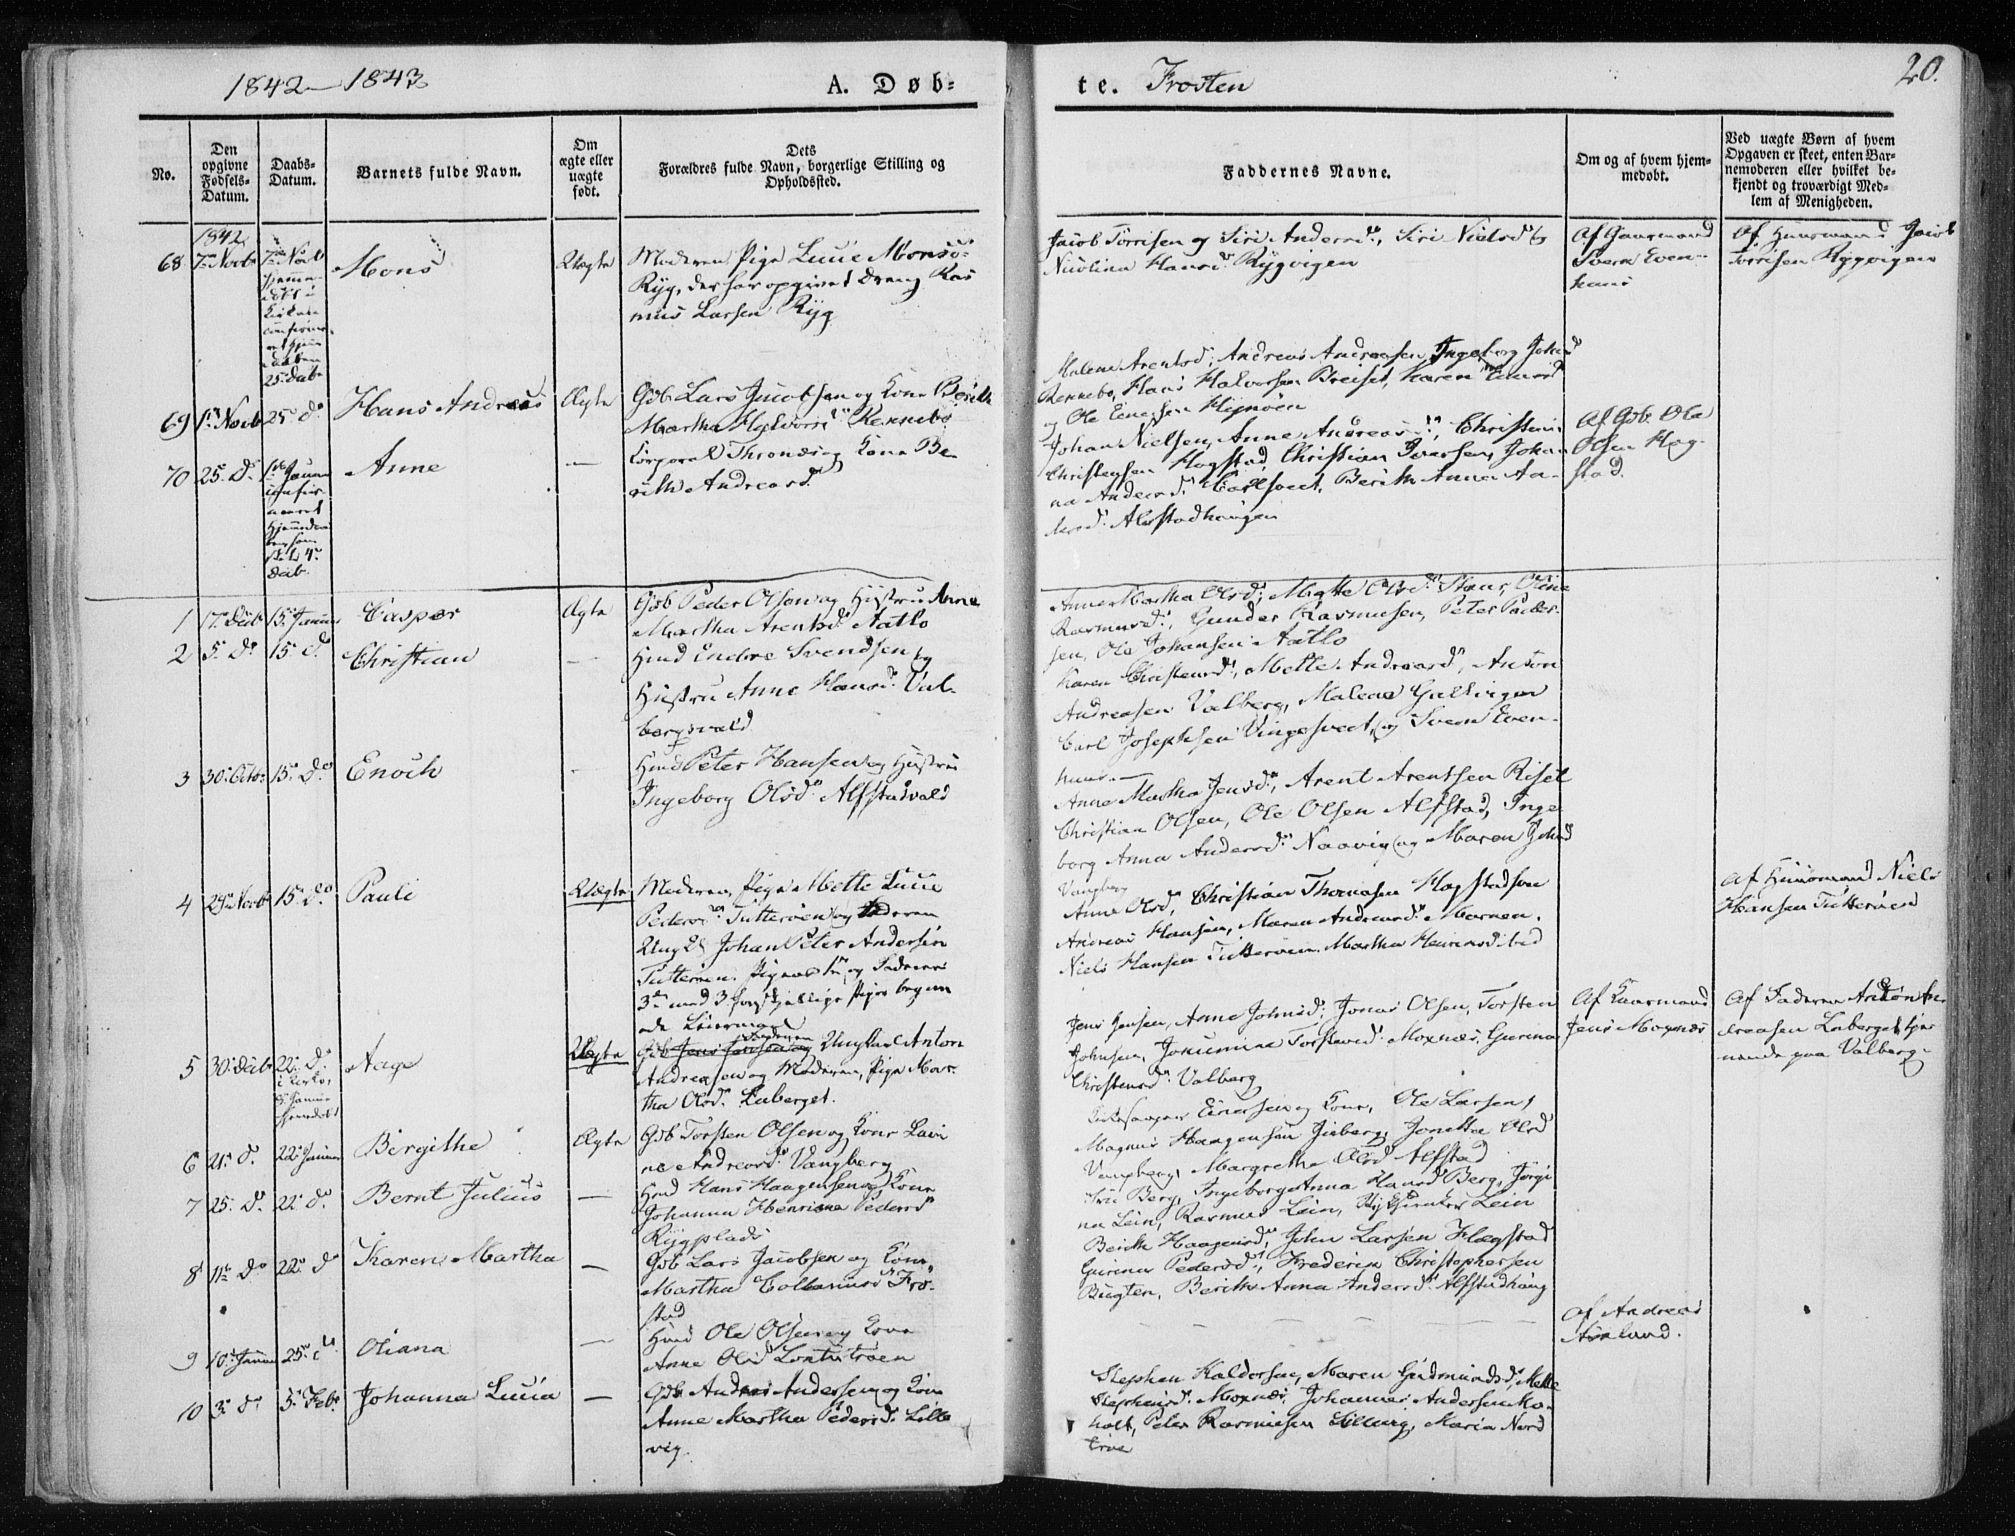 SAT, Ministerialprotokoller, klokkerbøker og fødselsregistre - Nord-Trøndelag, 713/L0115: Ministerialbok nr. 713A06, 1838-1851, s. 20